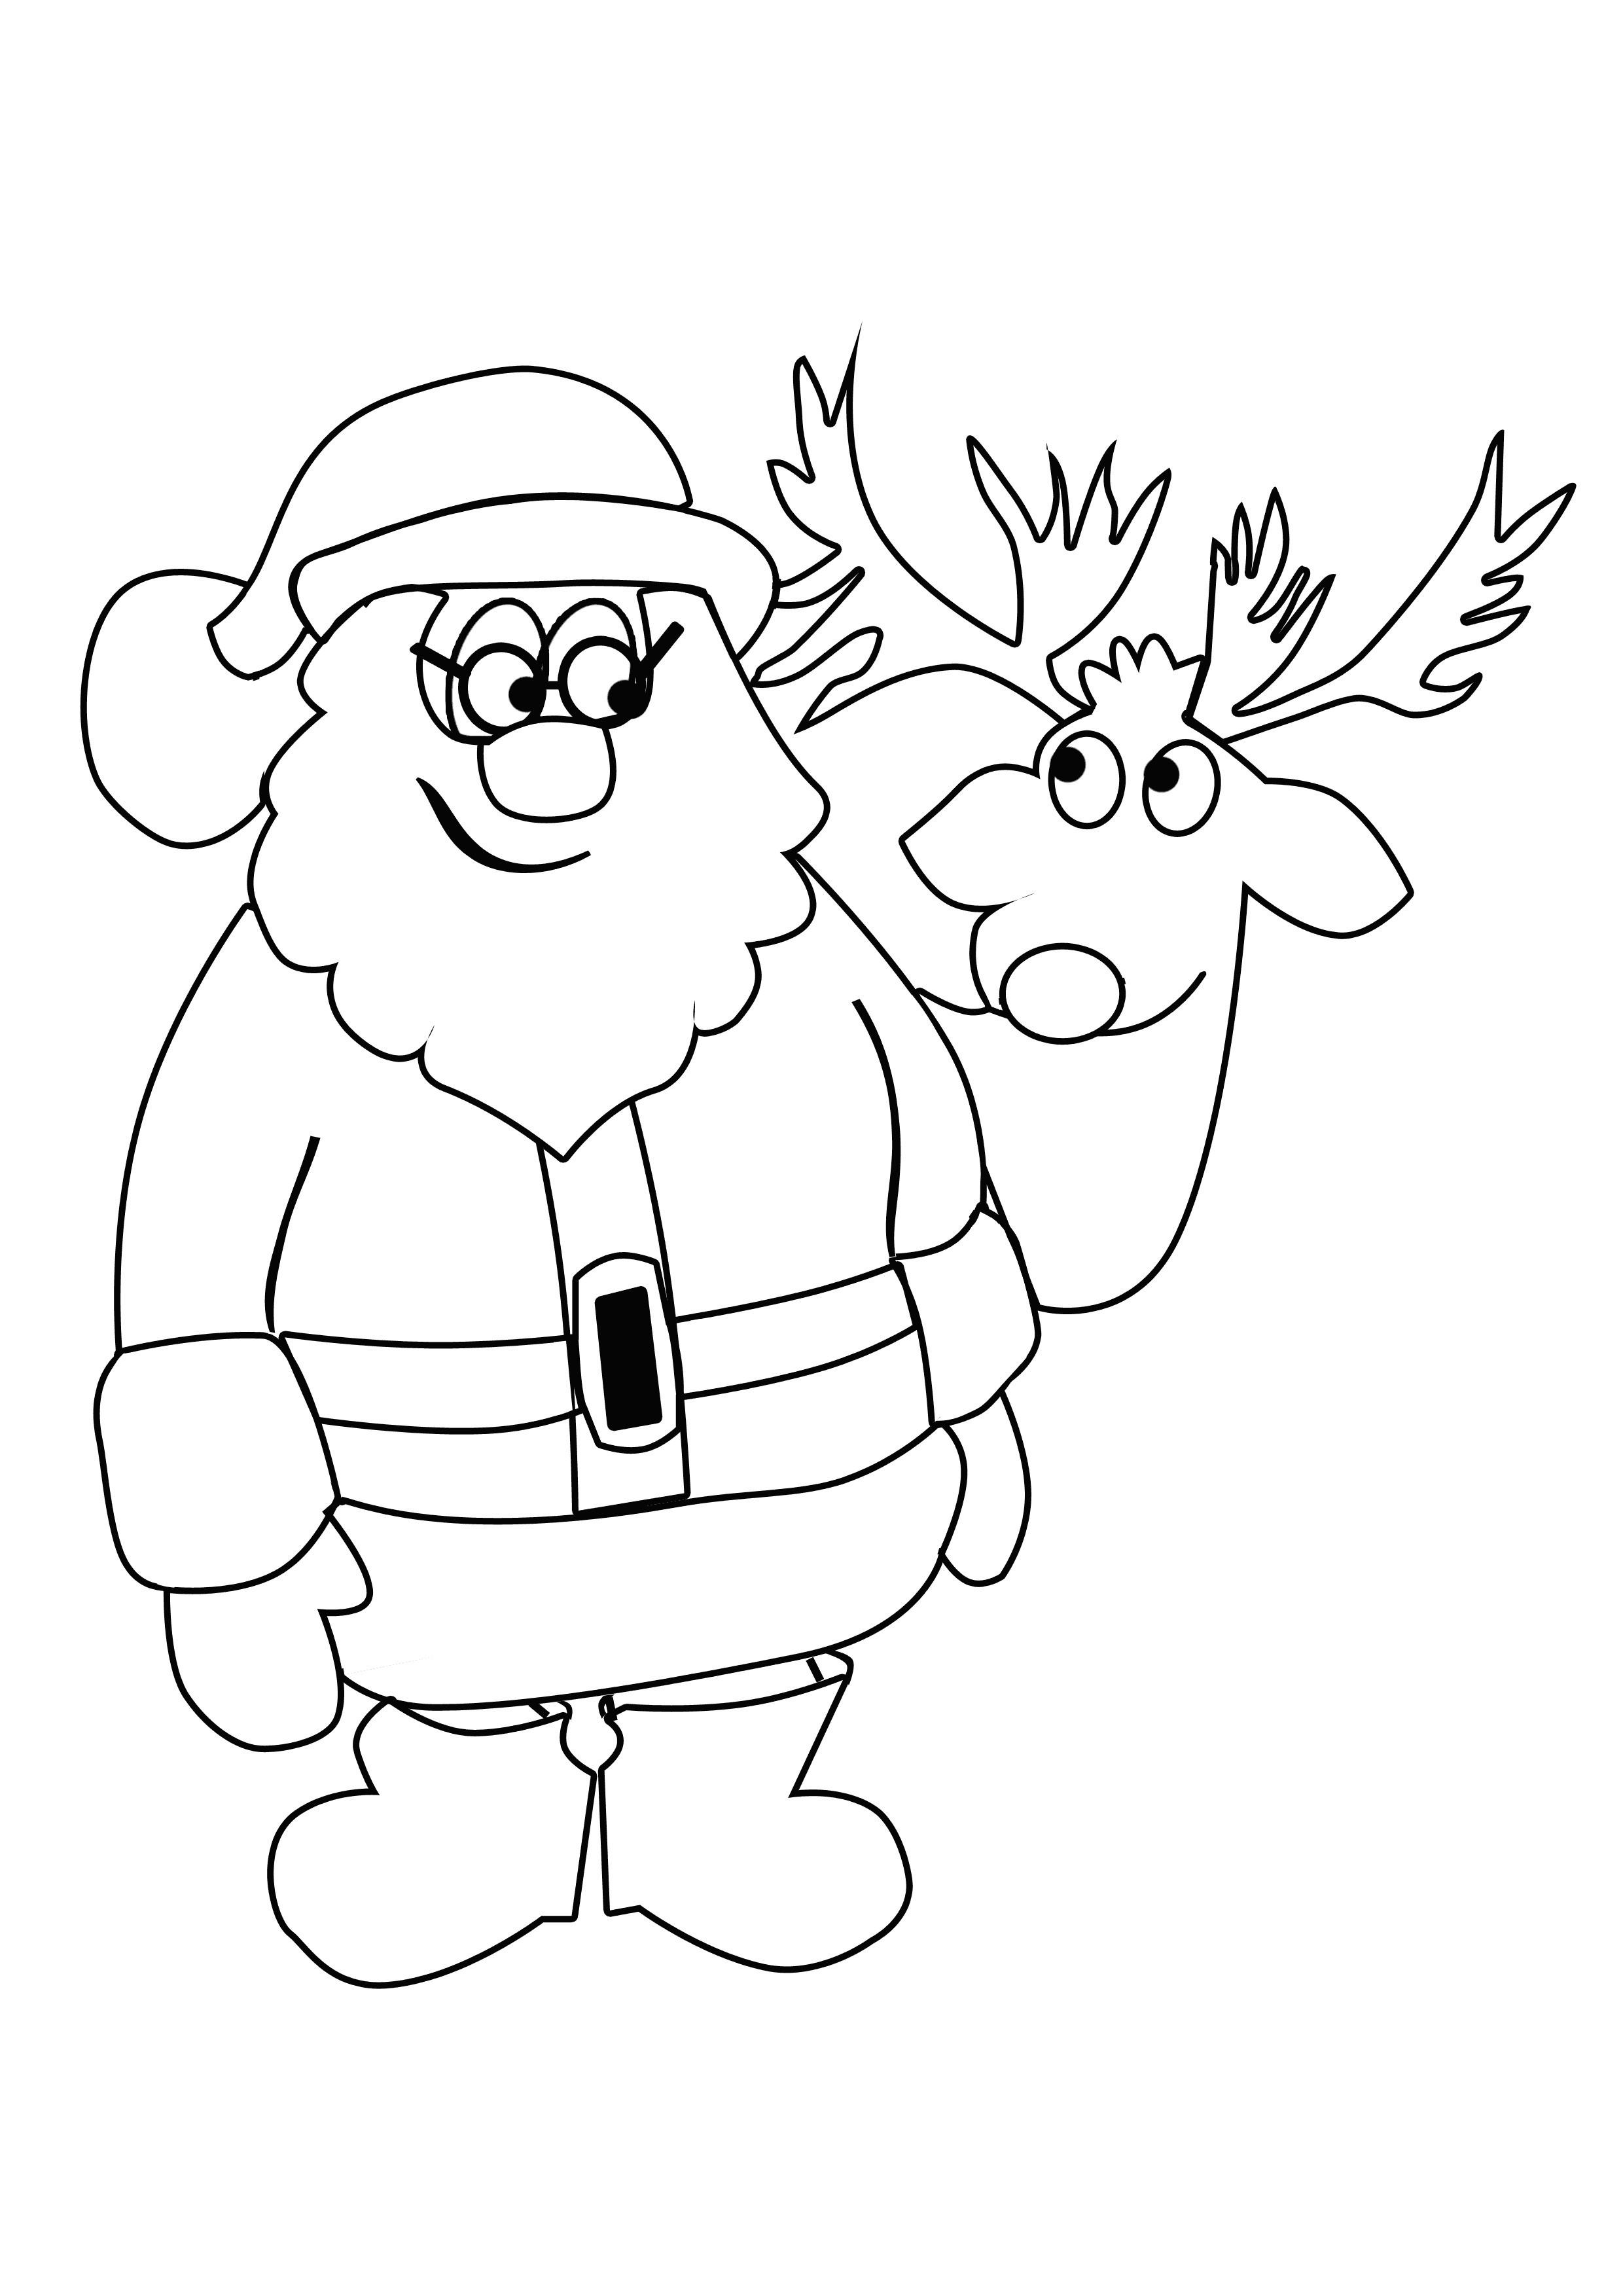 Ausmalbilder Weihnachten Tannenbaum Neu Schablonen Weihnachtsmotive Zum Ausdrucken tongramp Bilder